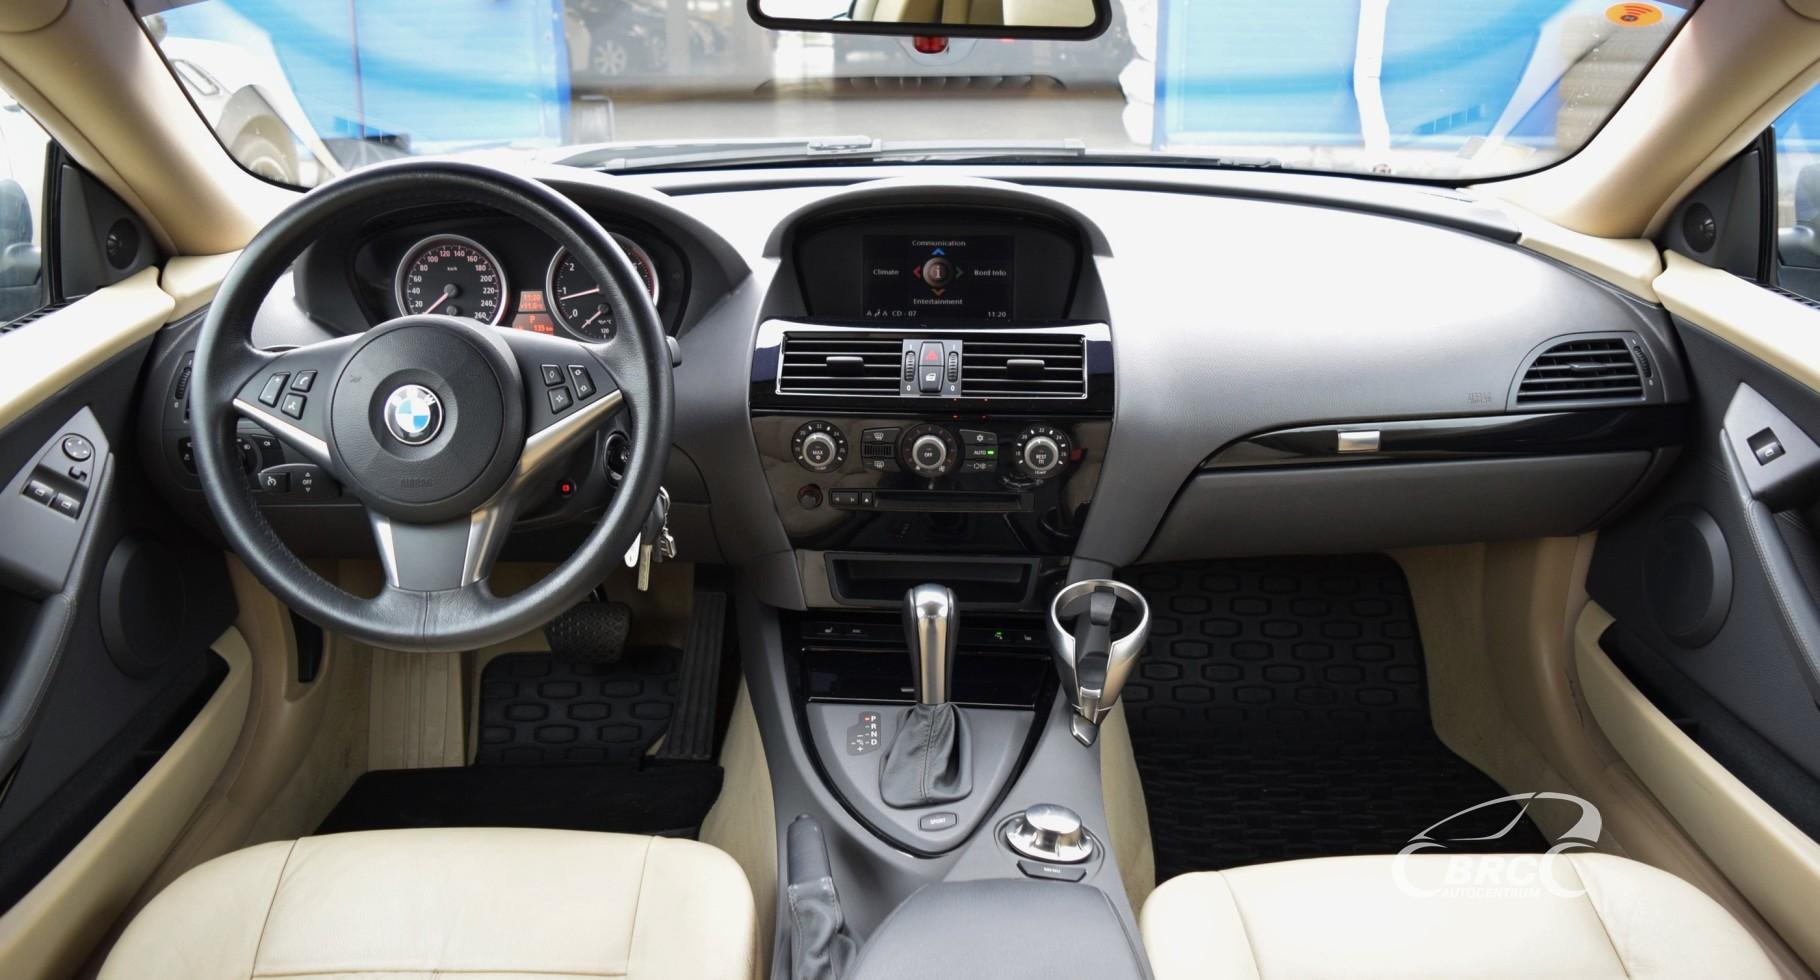 BMW 645 Ci